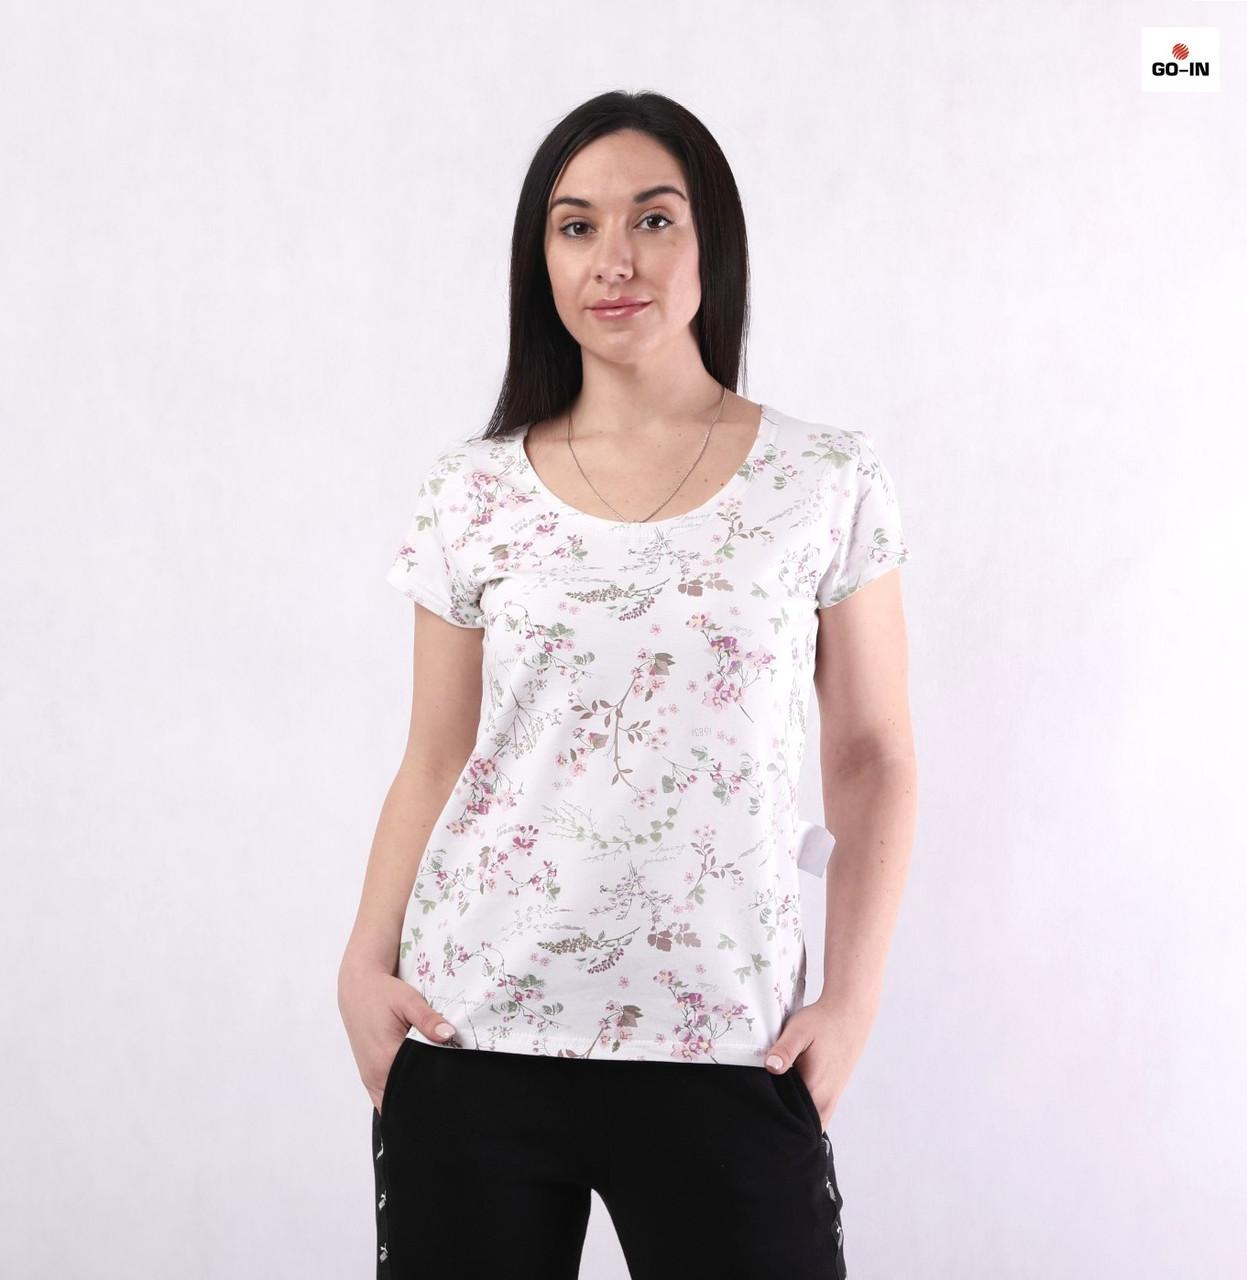 Футболка жіноча літнє з квітами пряма трикотажна біла 48-56р